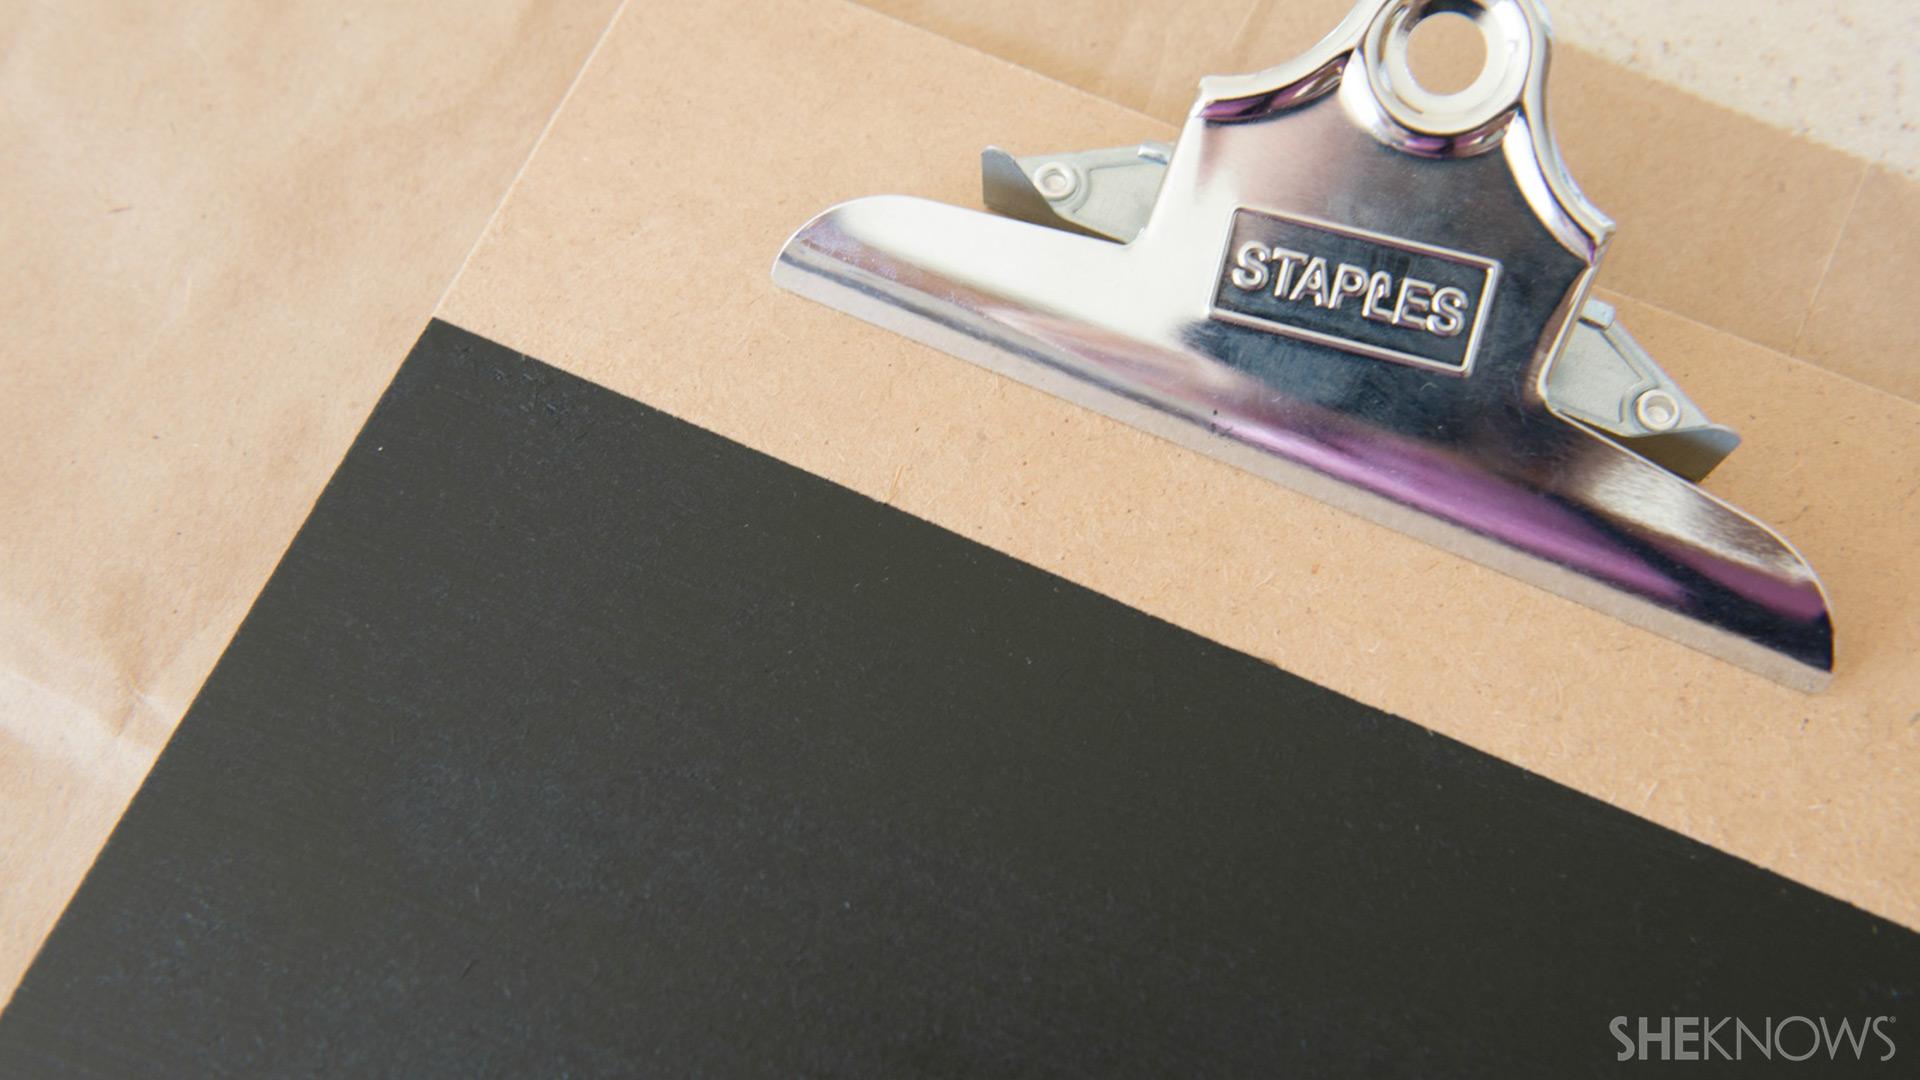 Clipboard | Sheknows.com - remove tape